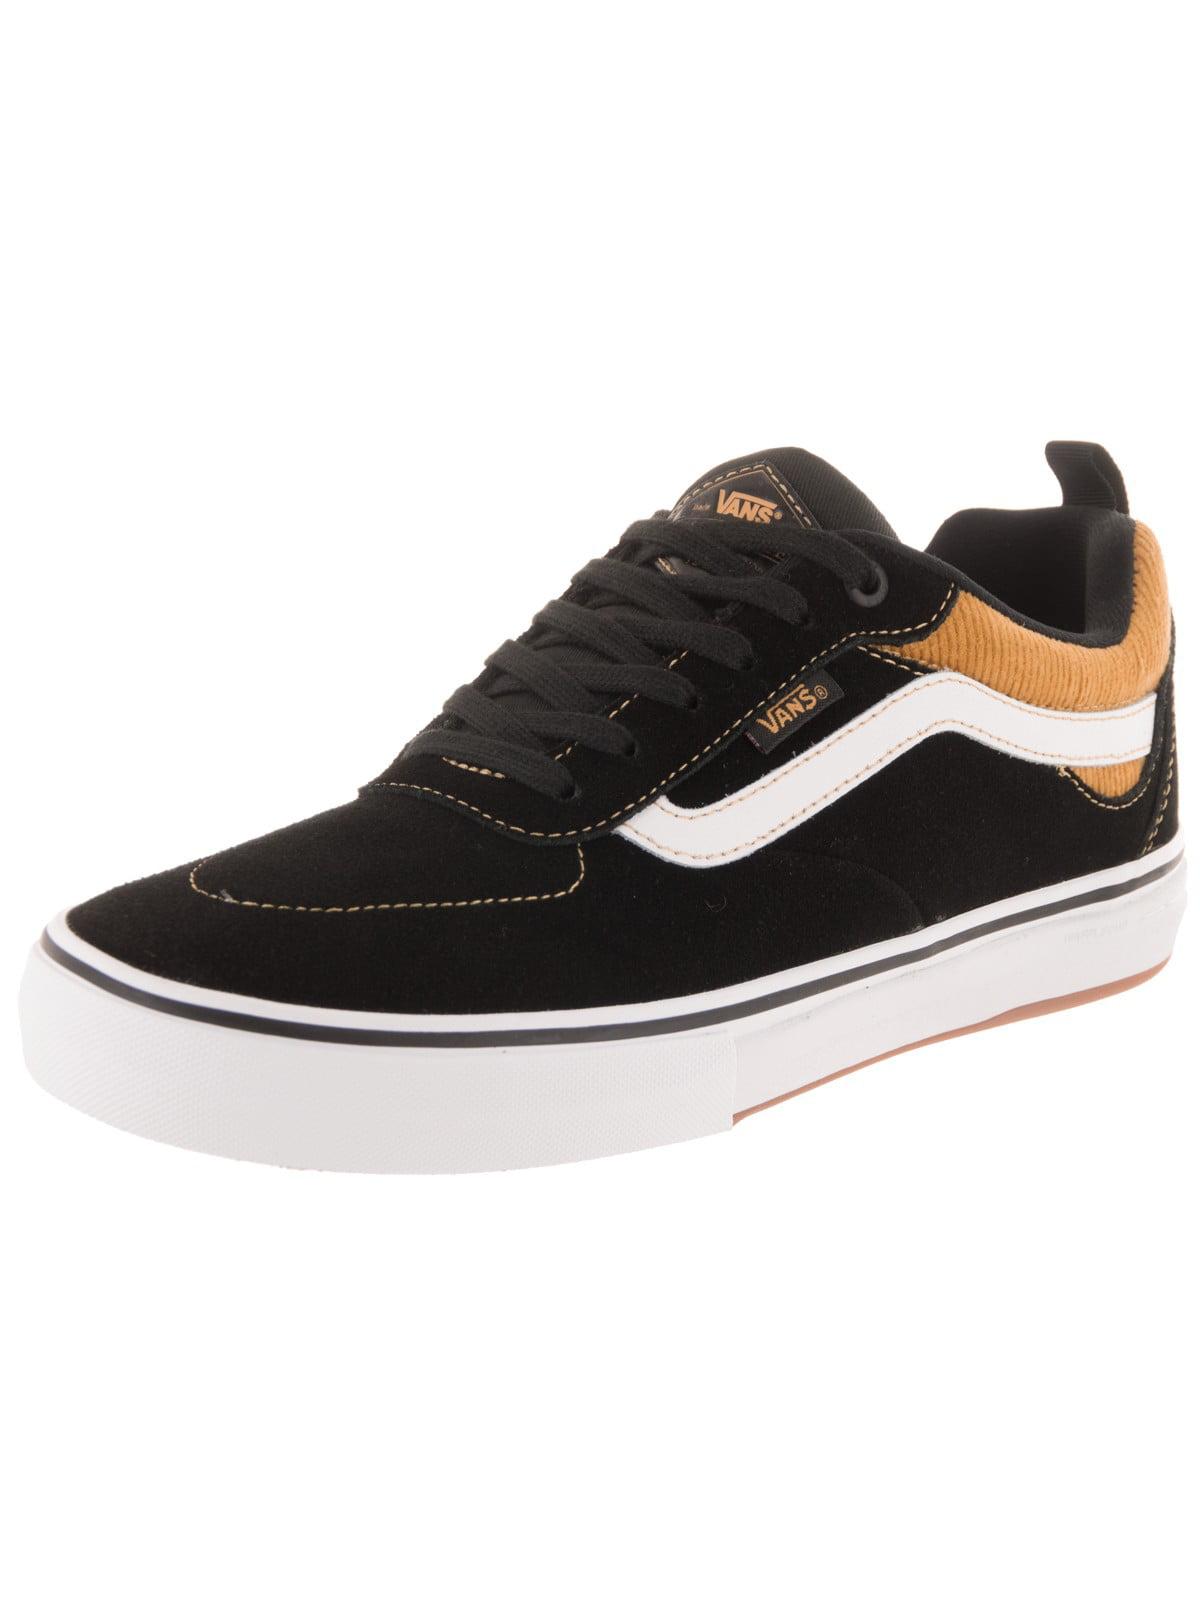 004c9b17f902 Vans - Vans Men s Kyle Walker Pro Skate Shoe - Walmart.com